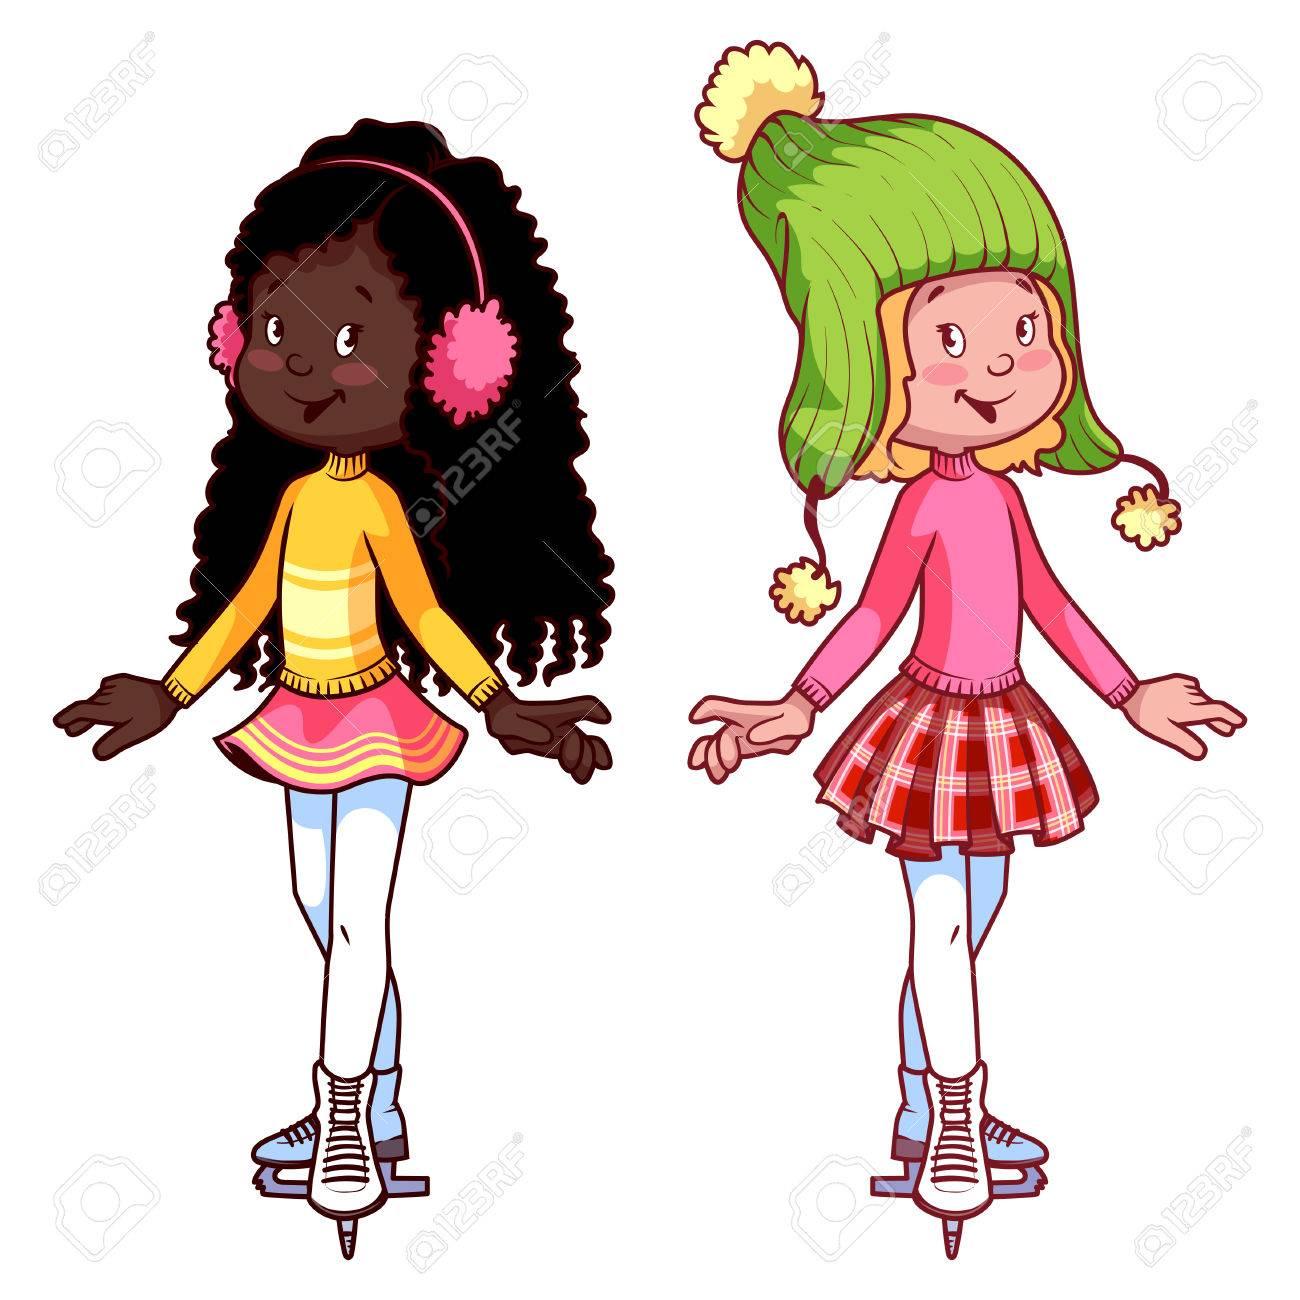 スケートの上の 2 つのかわいい女の子クリップ アート イラストの